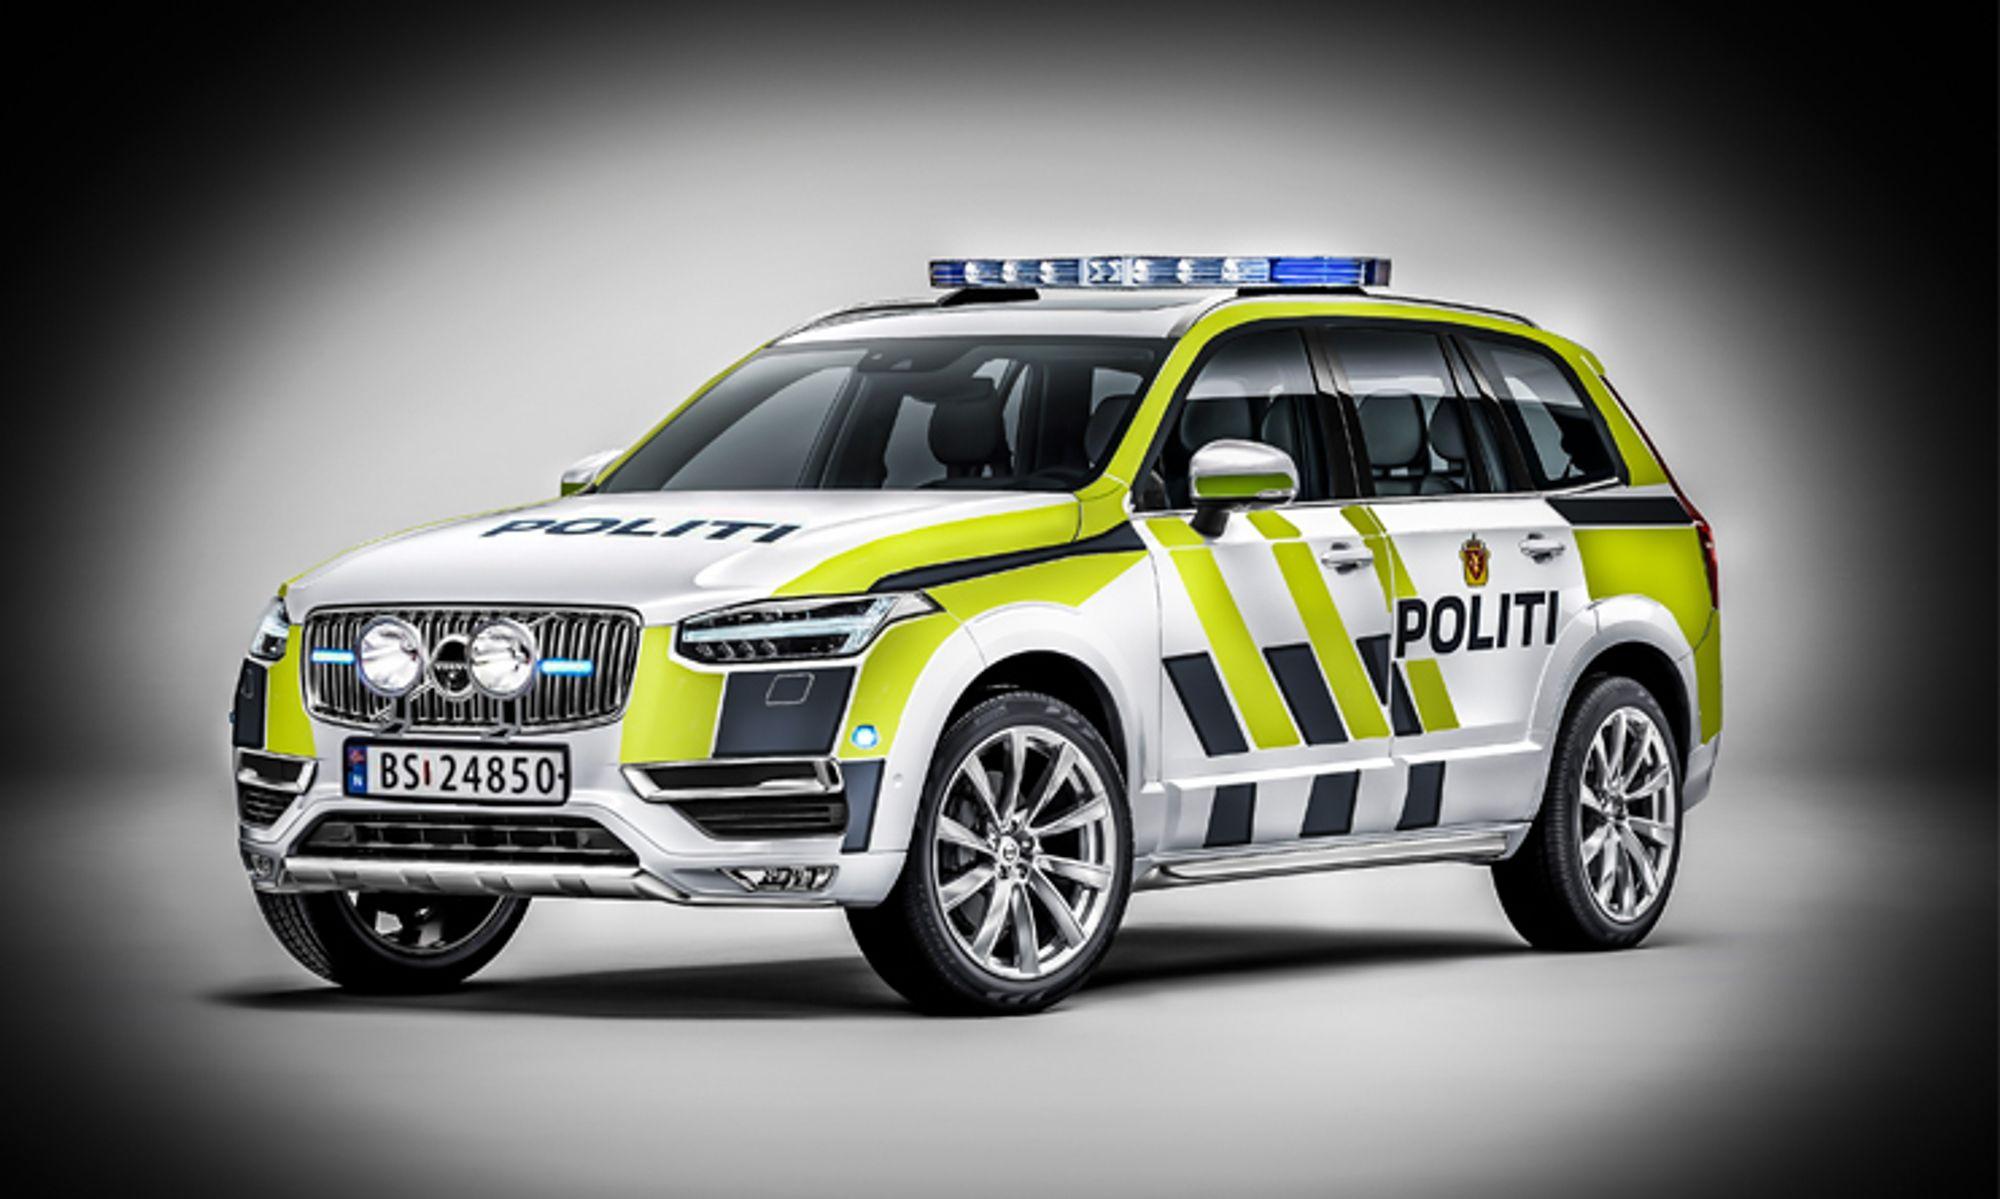 Volvo XC90 med i kampen om å bli politi-SUV - Politiforum.no